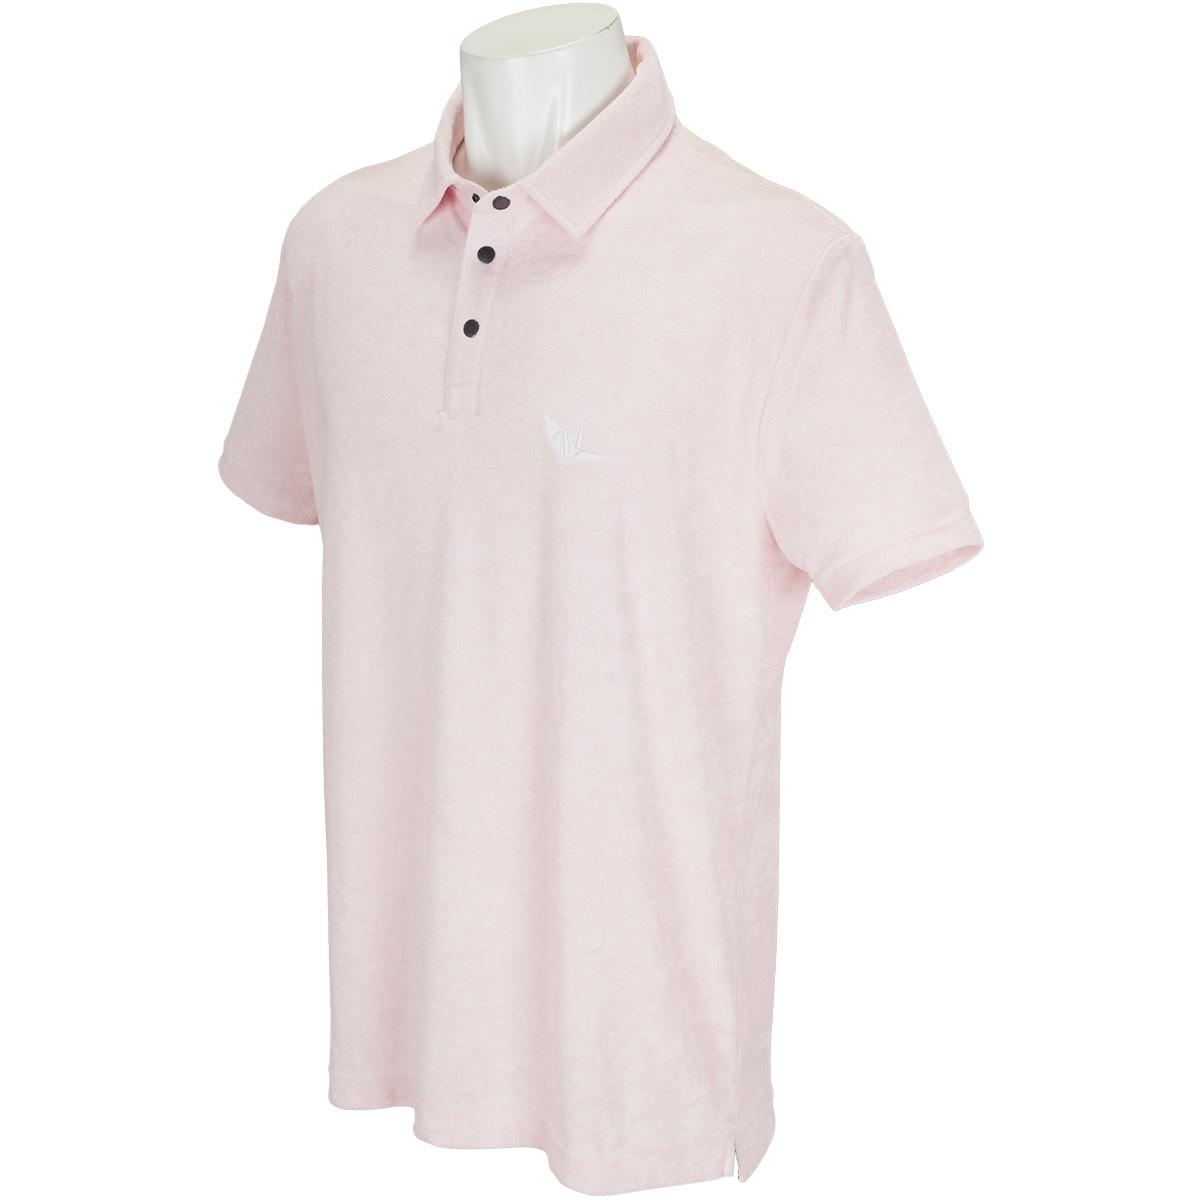 パイル半袖ポロシャツ